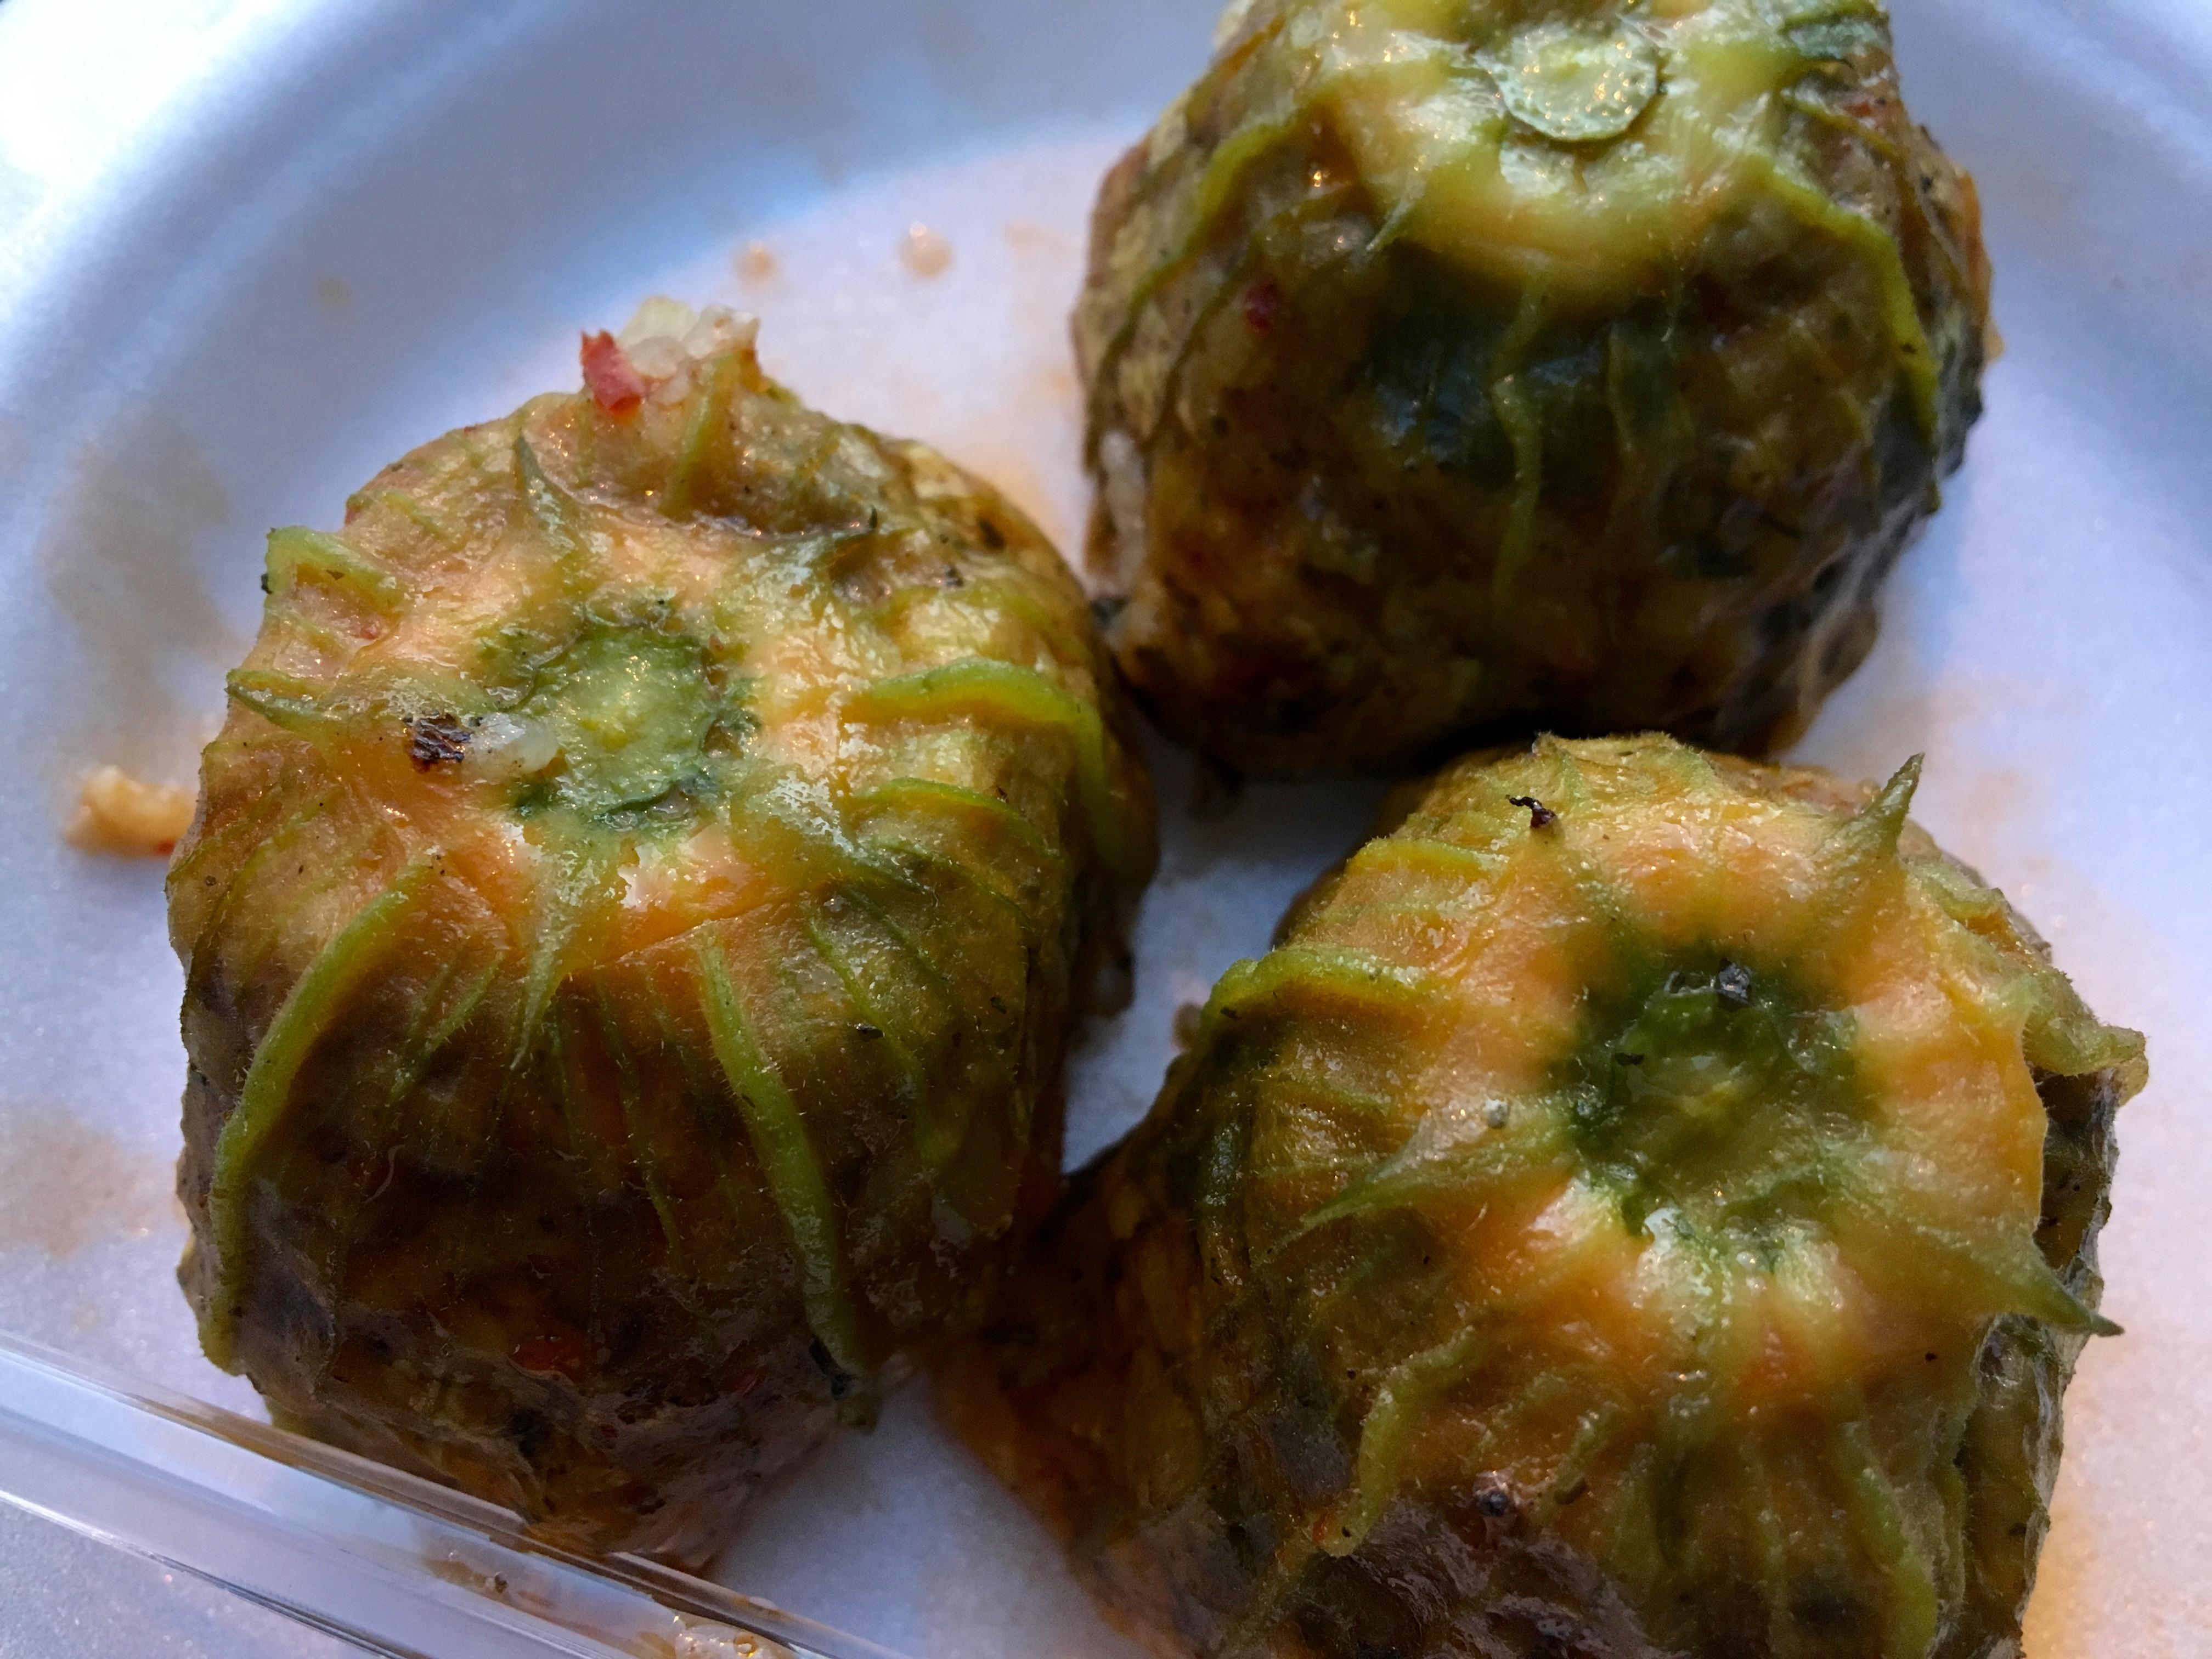 fyldte squash blomster, tyrkisk mad, tyrkisk delikatesse